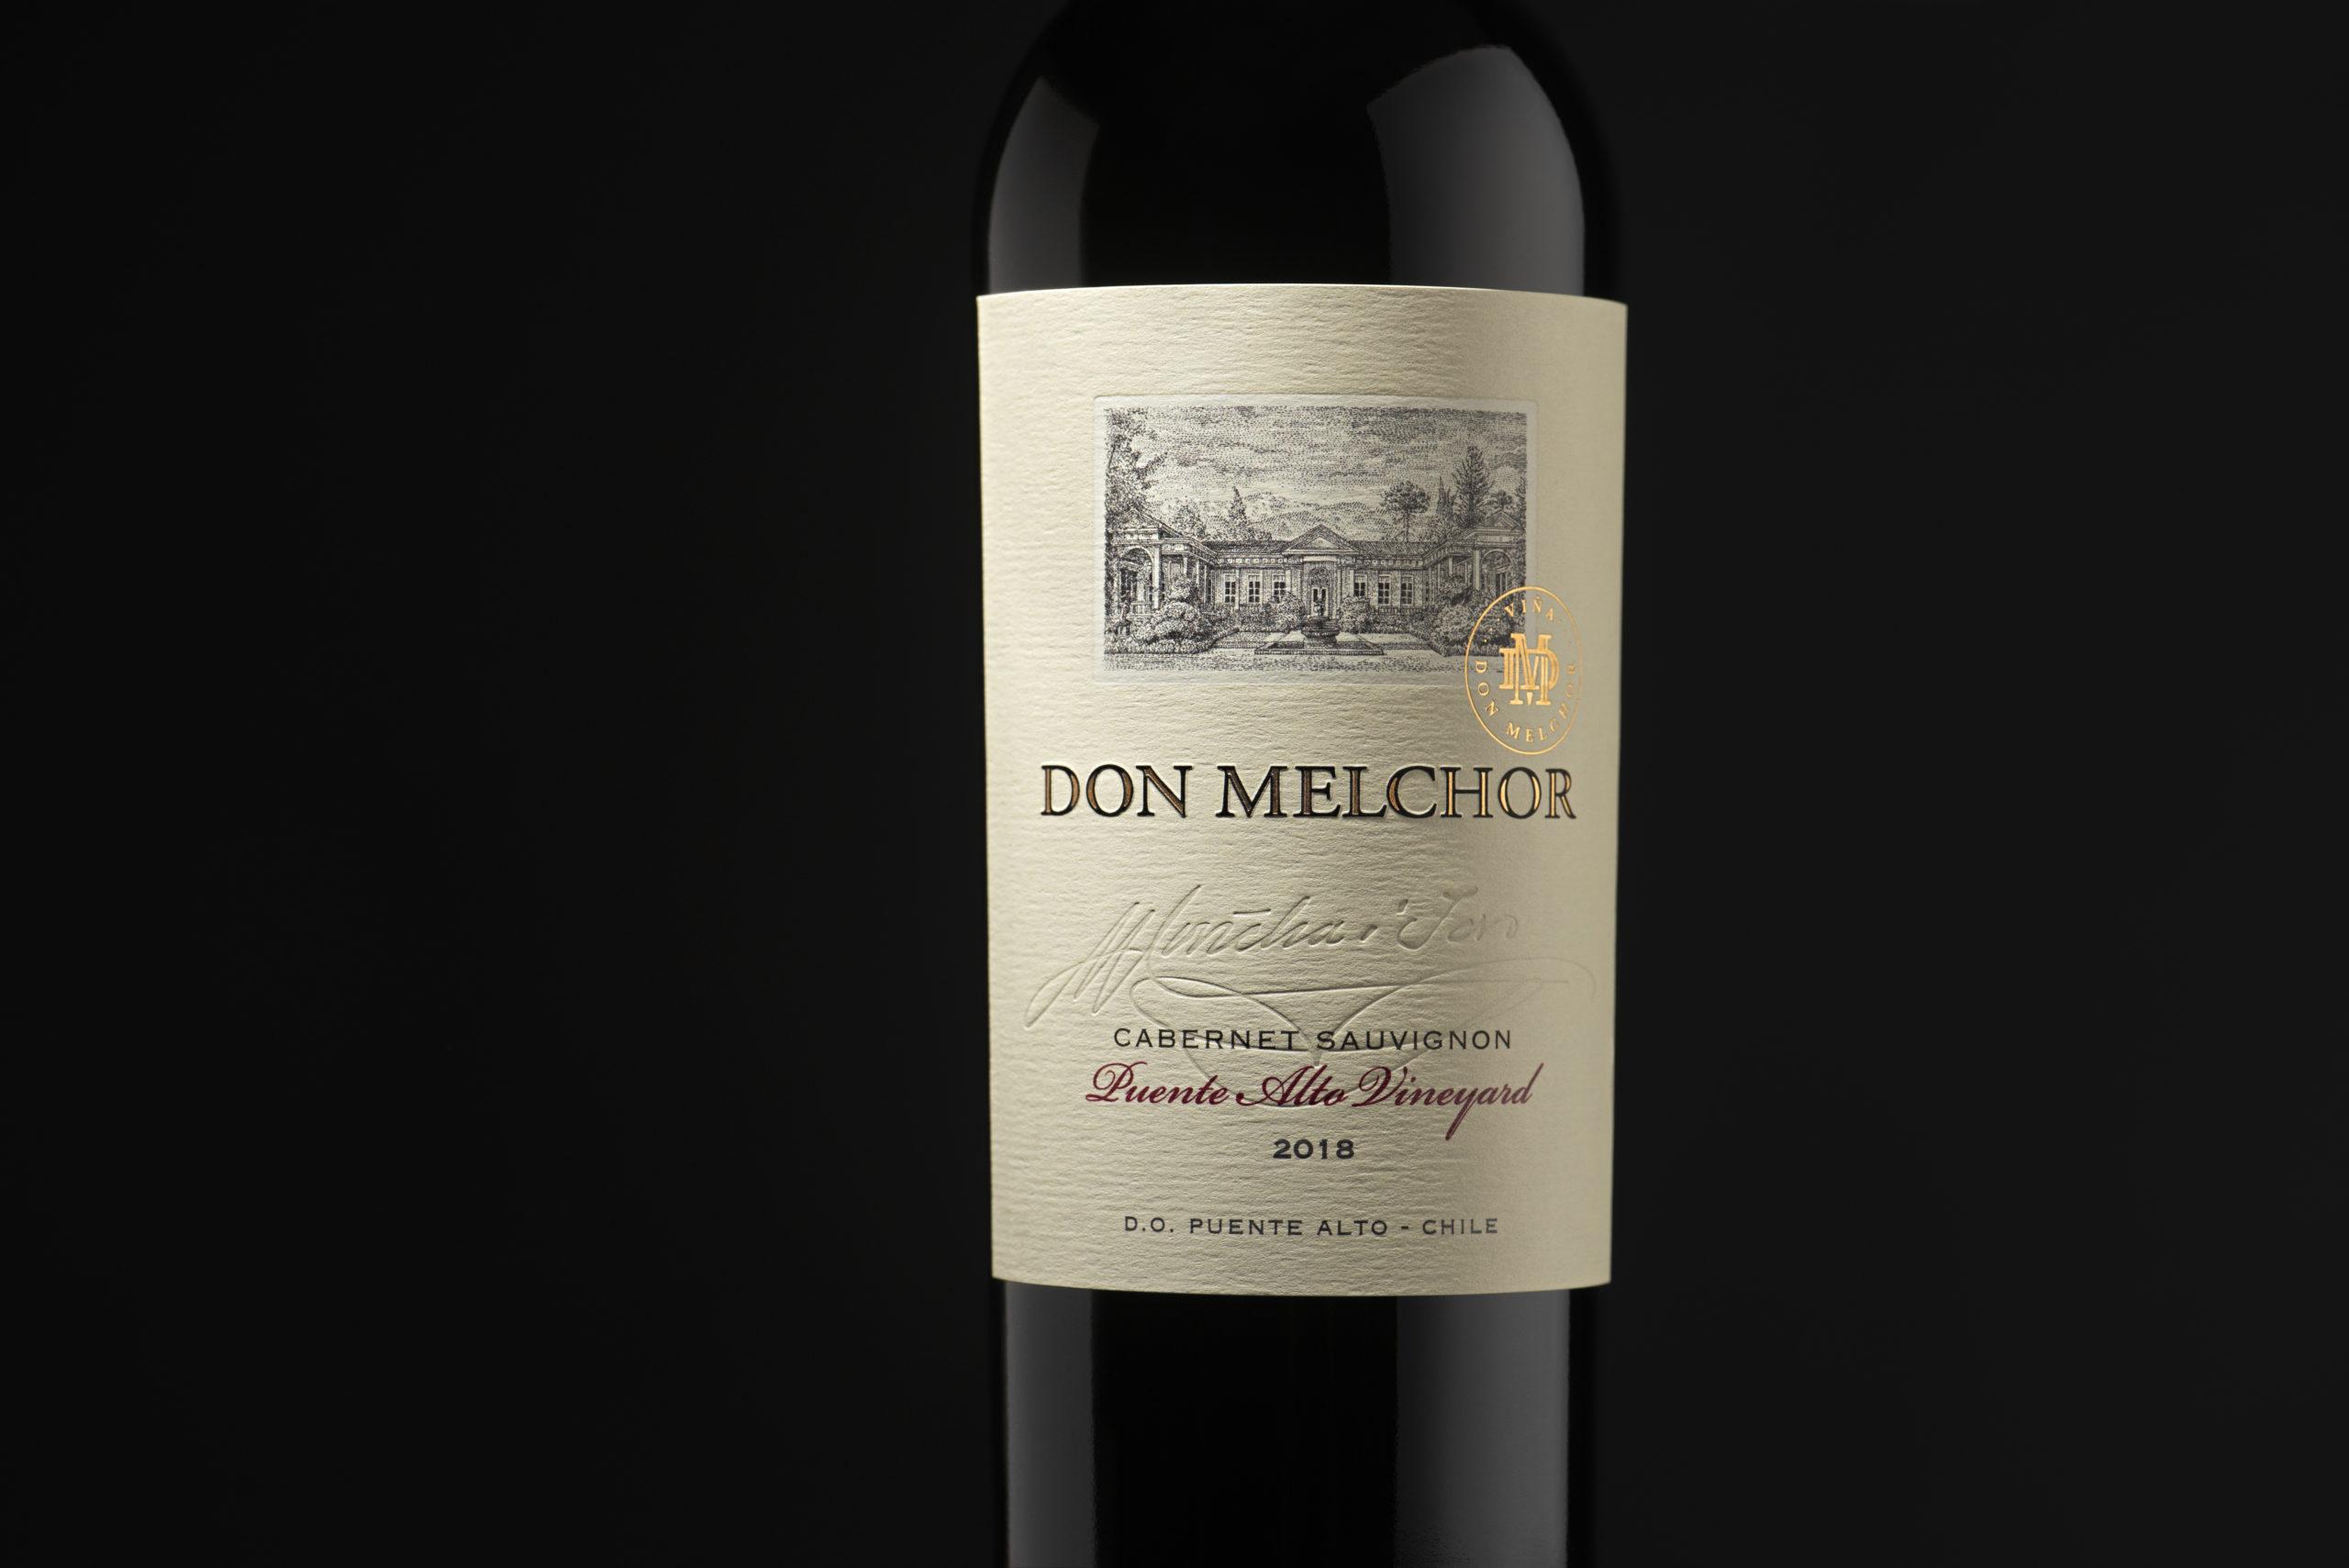 Wine Spectator destaca con 95 puntos a Don Melchor 2018